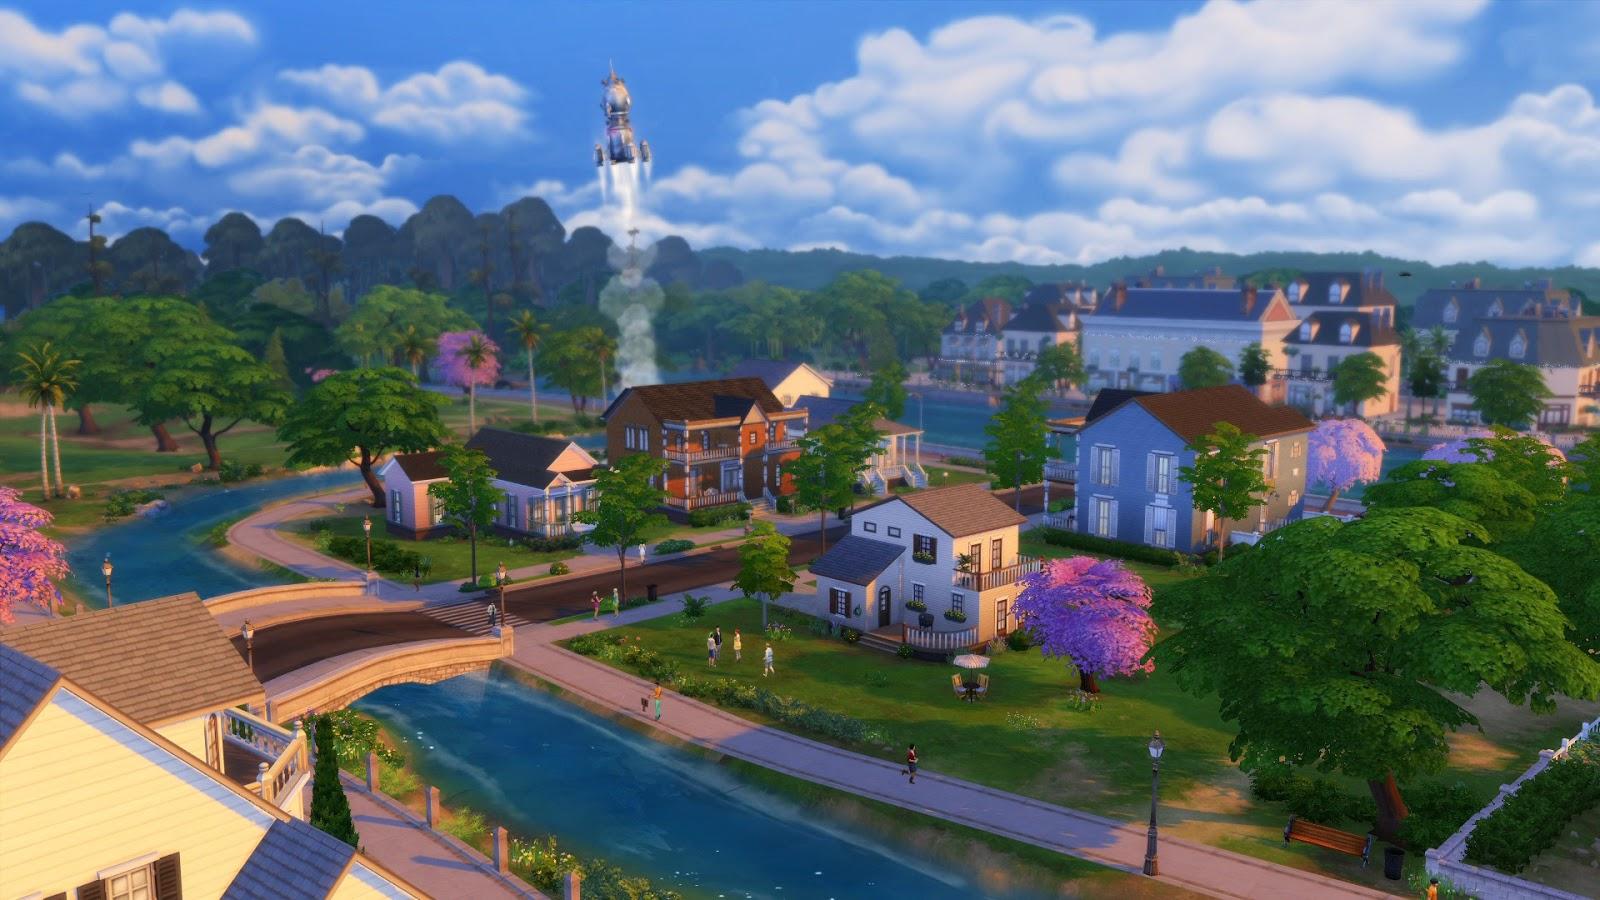 ย่านหนึ่งที่ซิมส์อาศัย ใน The Sims 4